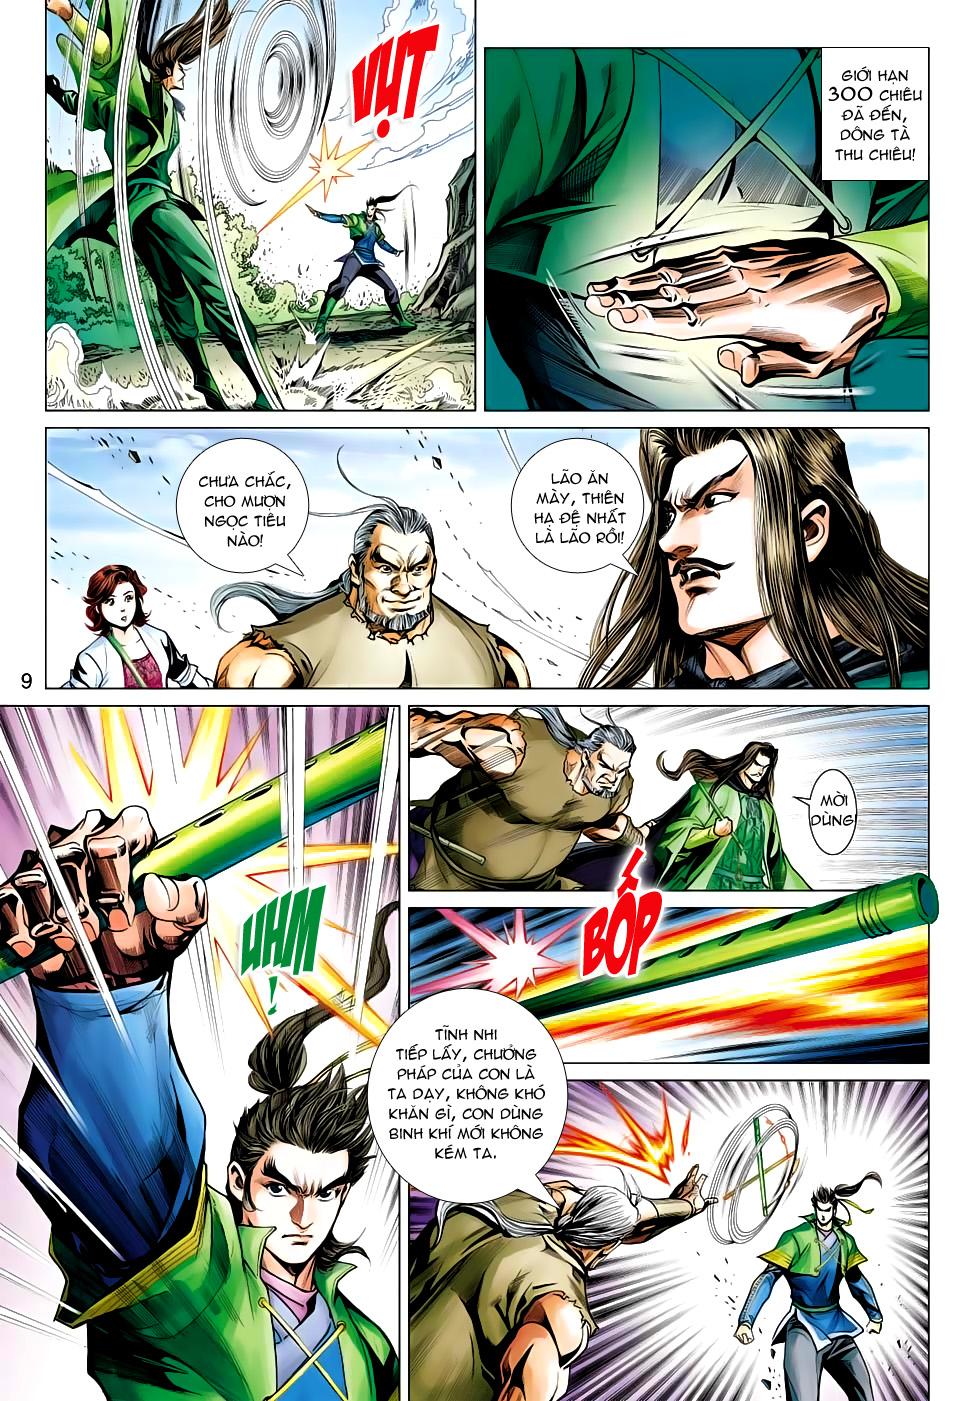 Xạ Điêu Anh Hùng Truyện chap 100 – End Trang 9 - Mangak.info